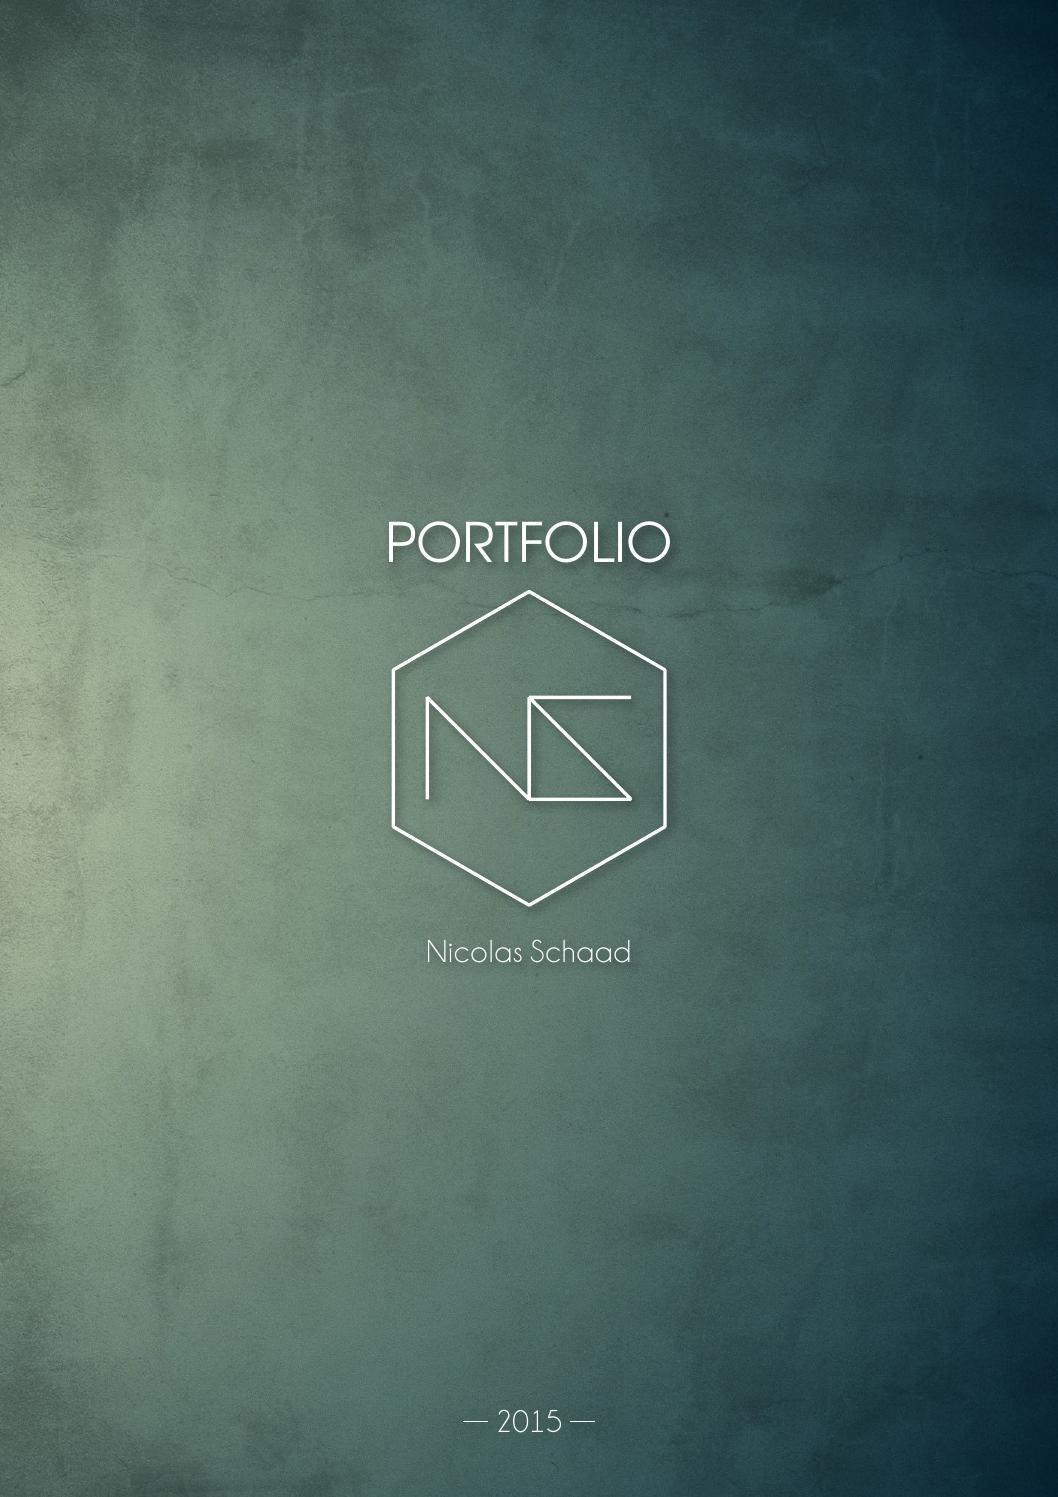 nicolas schaad portfolio 2014 2015 by nicolas schaad